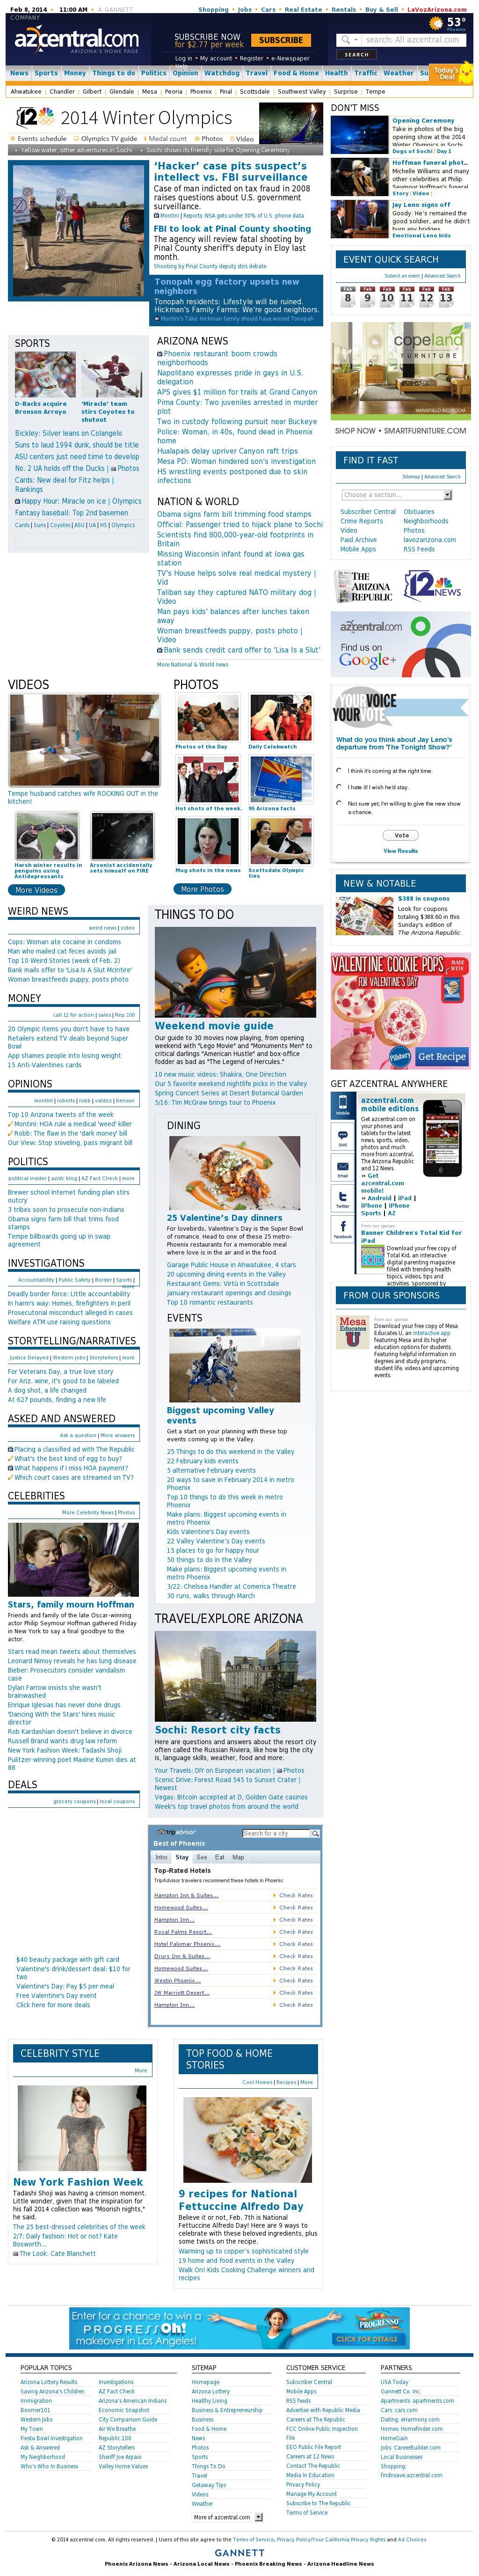 azcentral.com at Saturday Feb. 8, 2014, 11 a.m. UTC